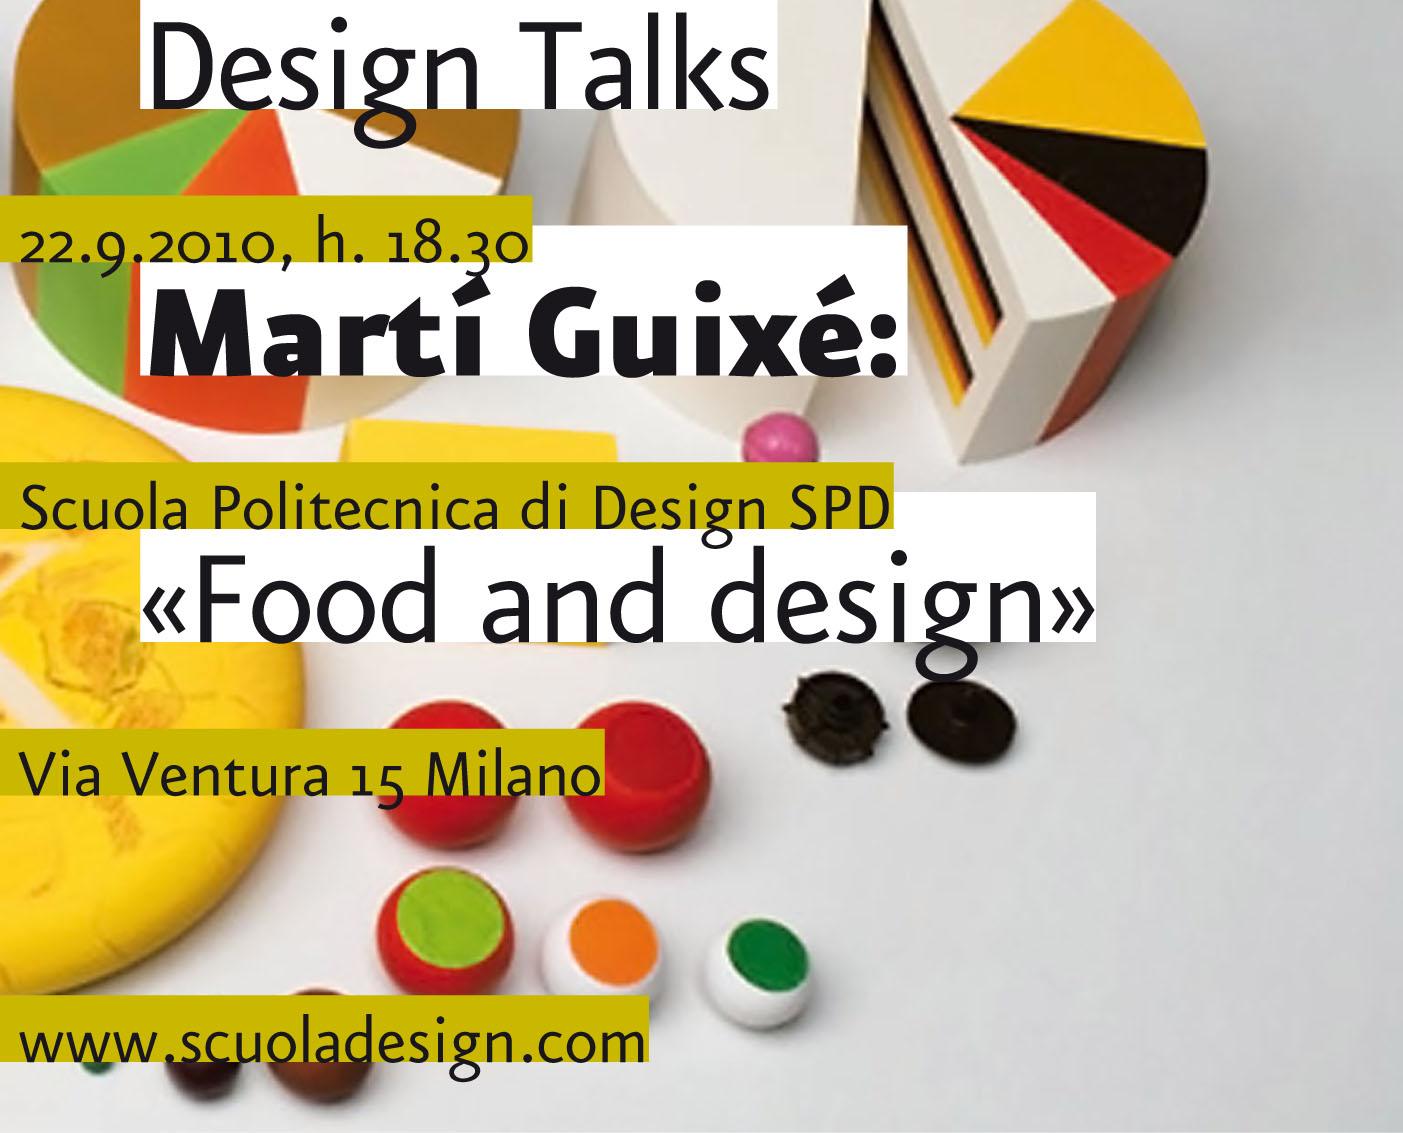 Designer mart guix conferenza scuola politecnica design for Scuola design milano